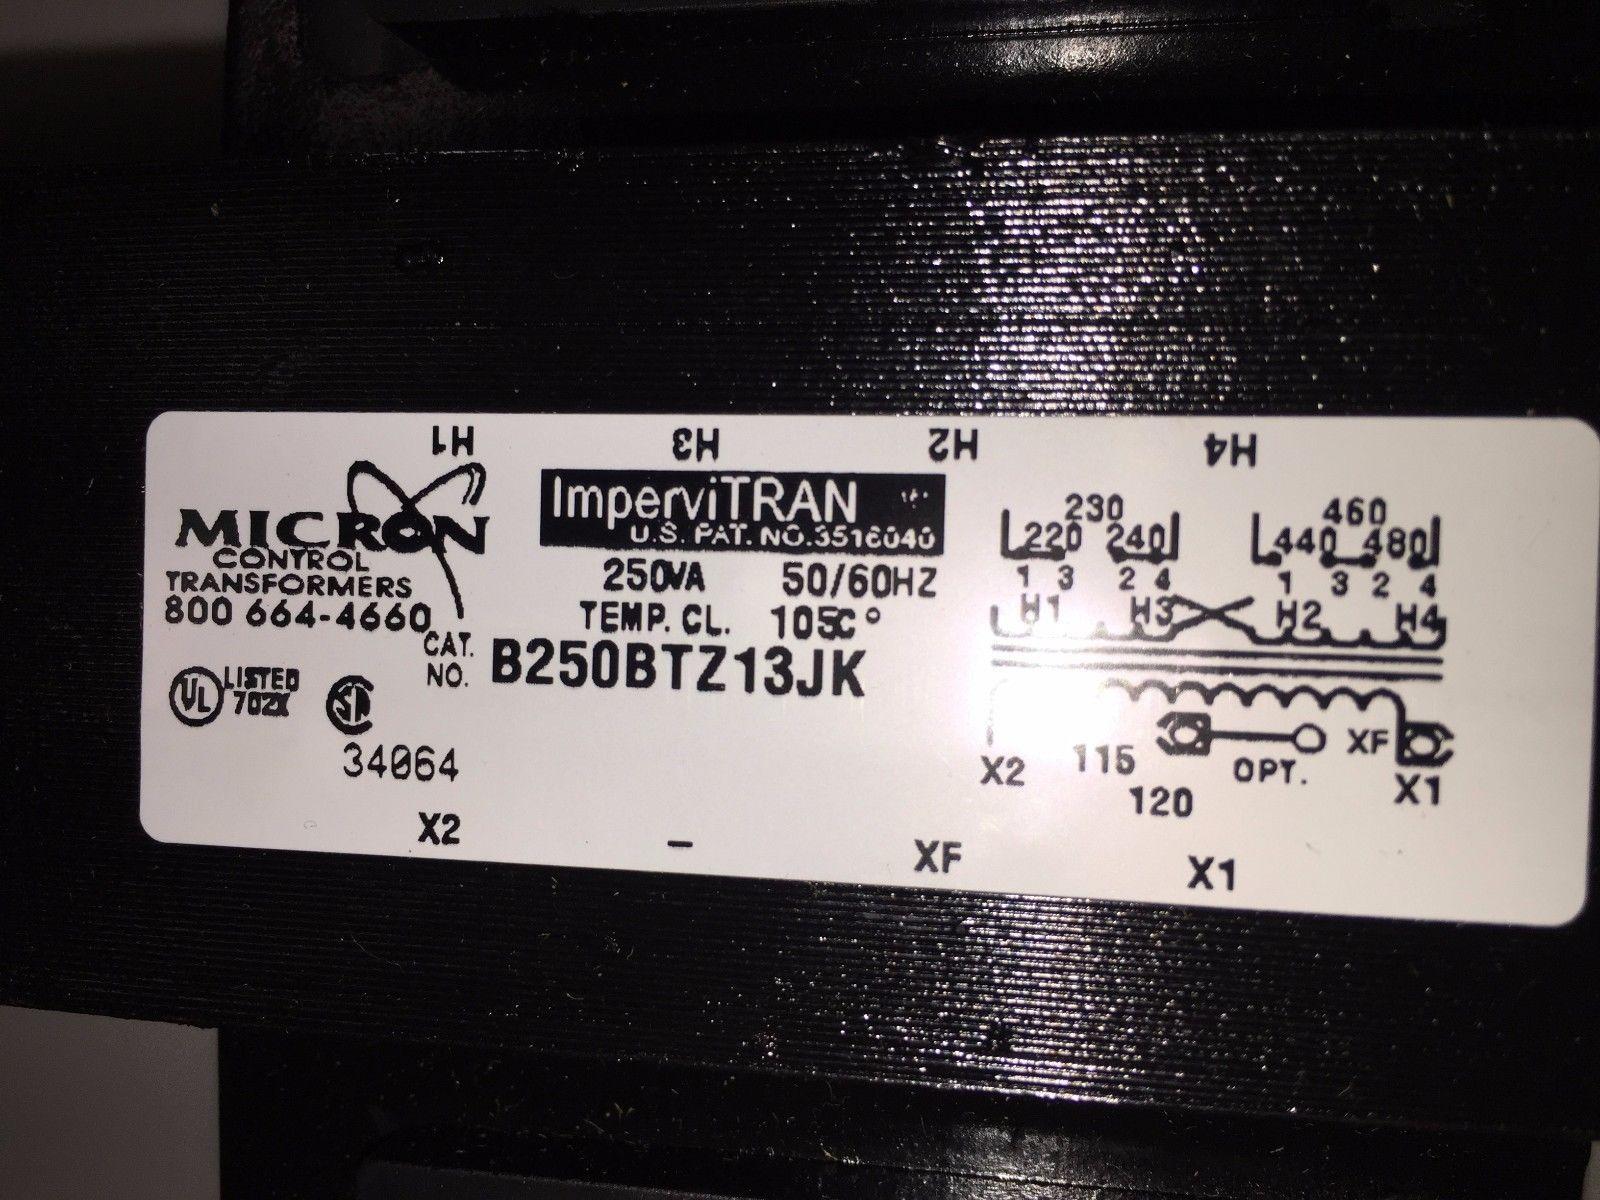 Micron Control ImperviTRAN B250BTZ13JK 250VA and 50 similar ... on